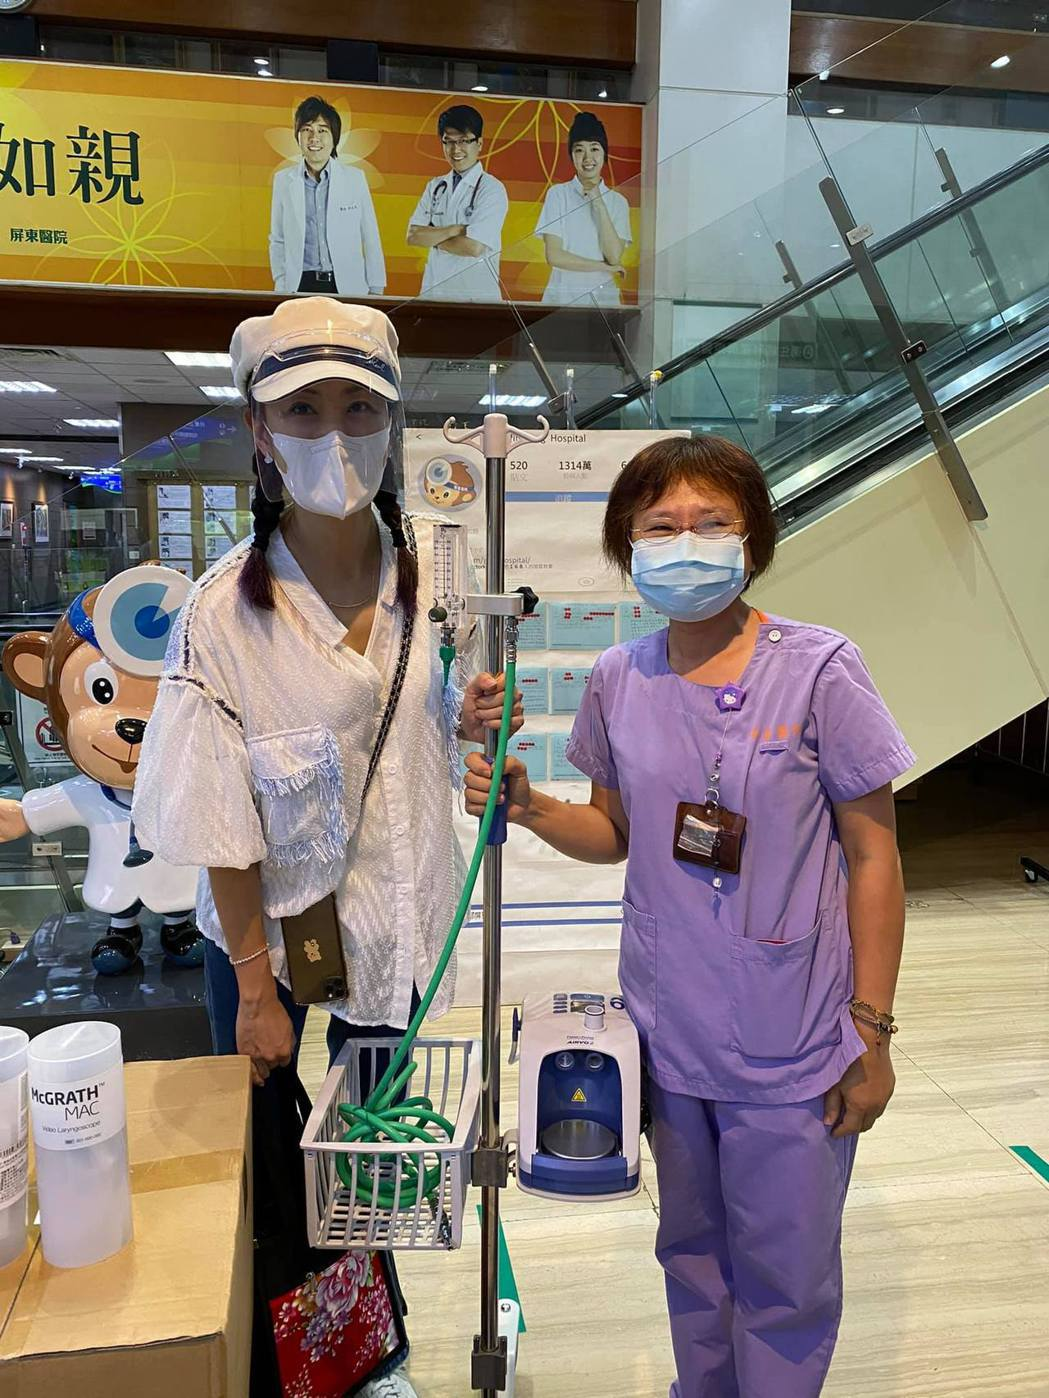 賈永婕收到呼吸治療師的求救訊息,親自借2台HFNC送往部立屏東醫院。 圖/擷自賈